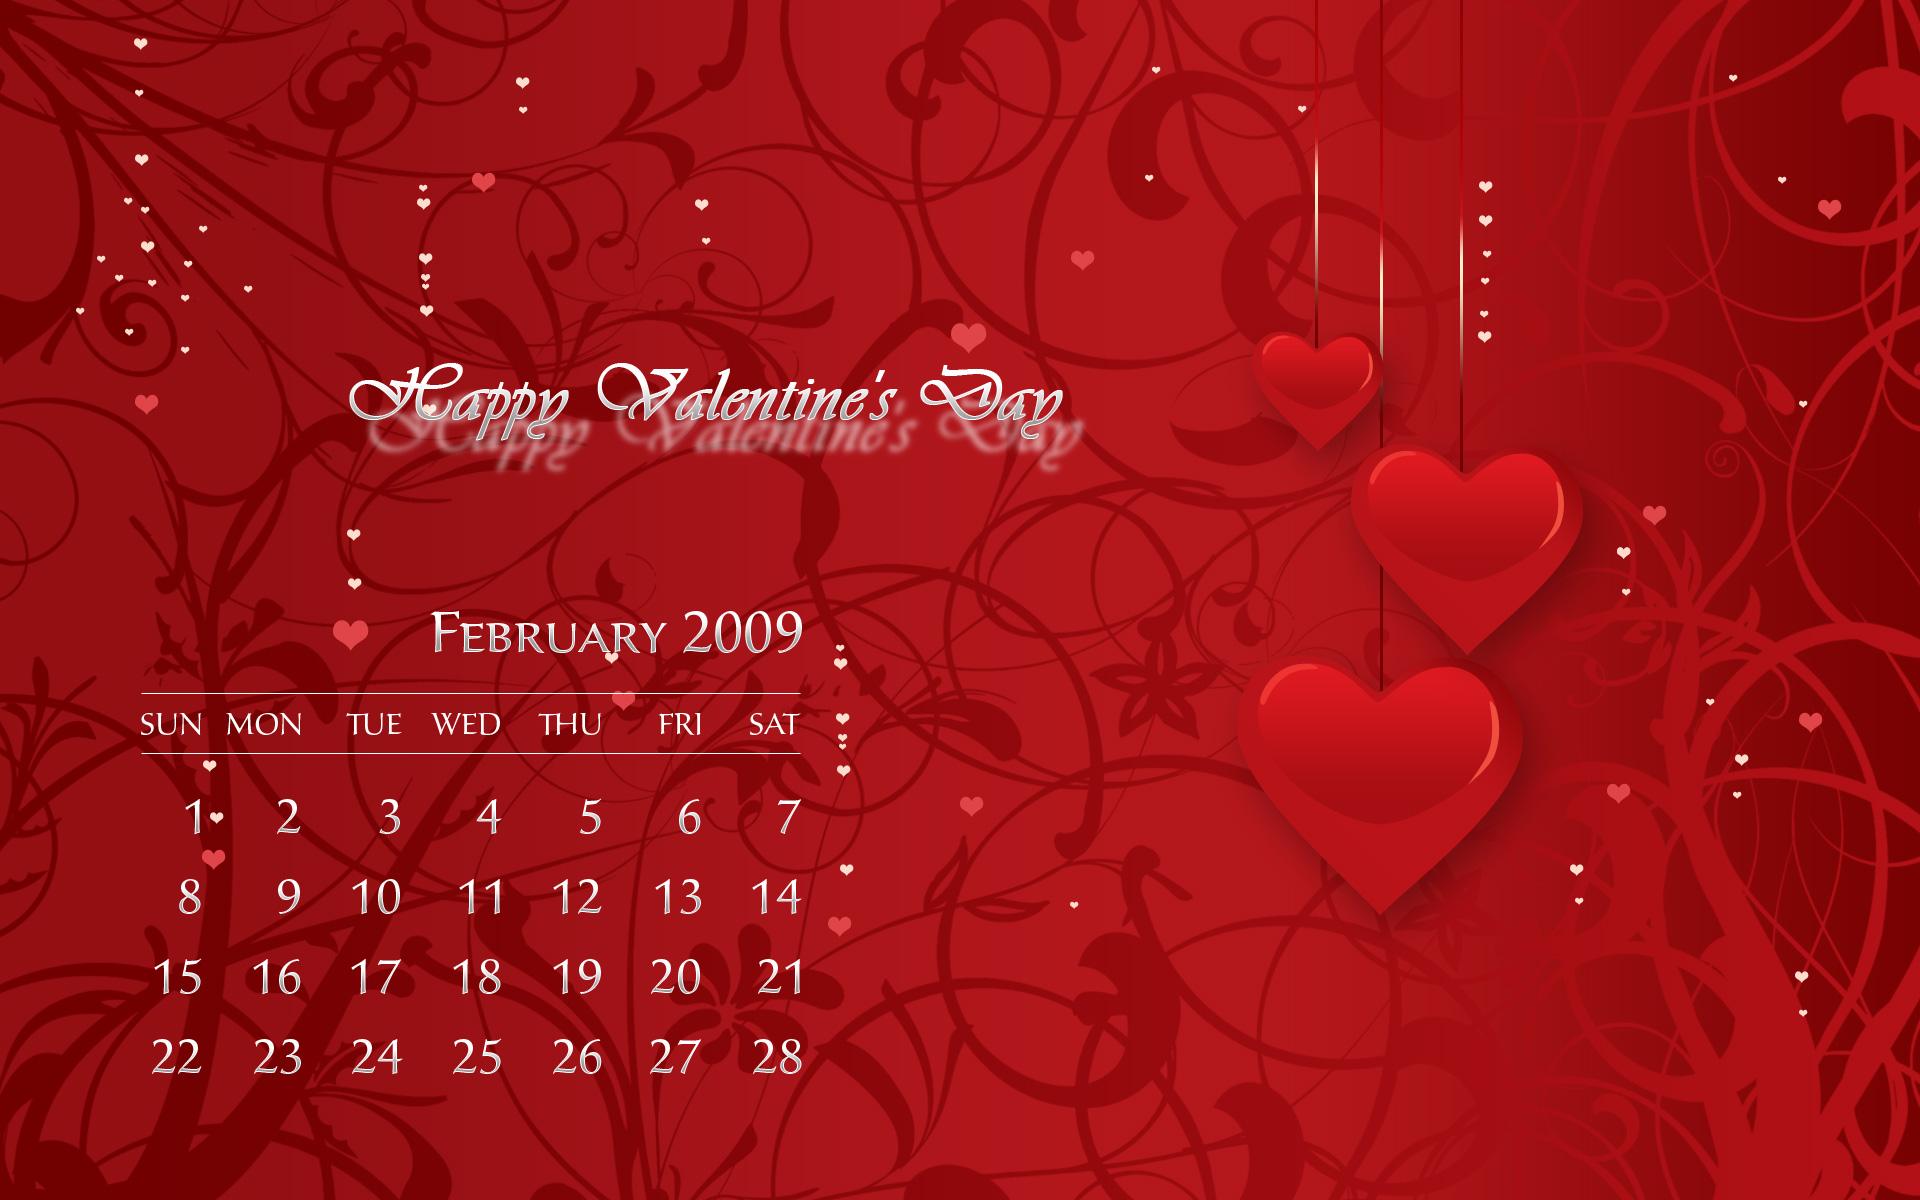 calendar wallpaper 2009 5a